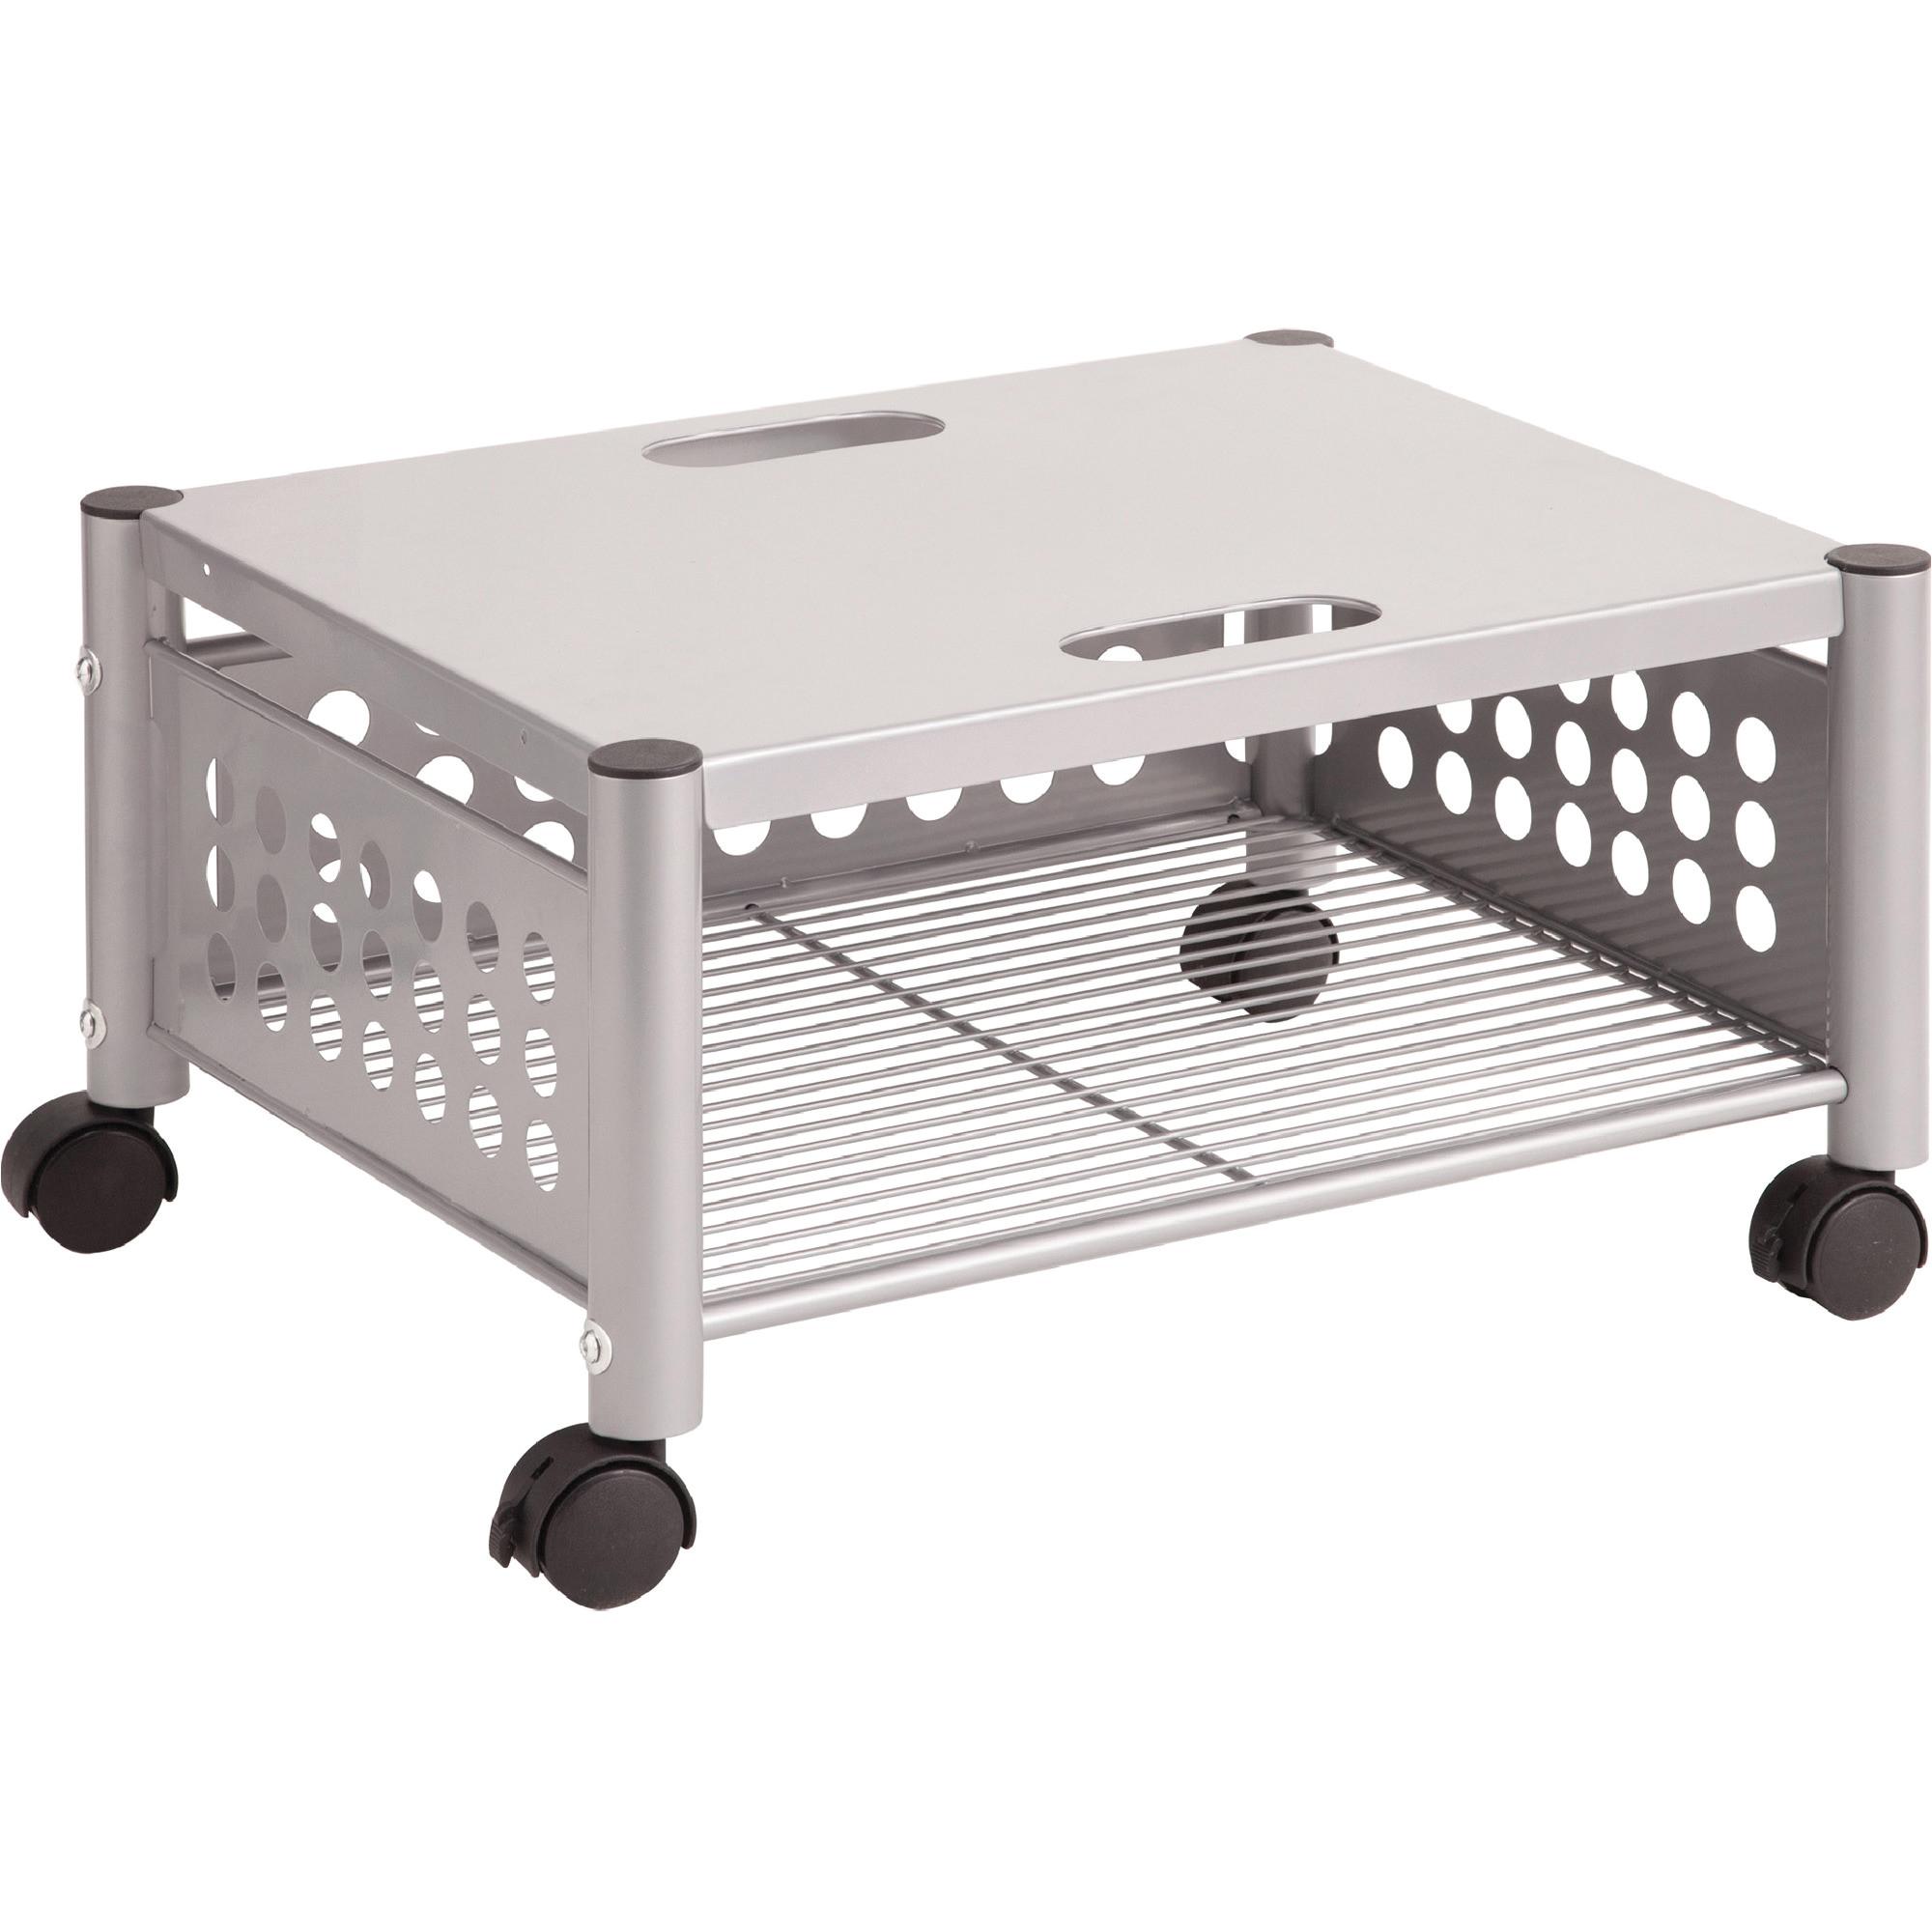 vertiflex vrtvf52005 underdesk gray machine stand 1 each matte gray walmart com